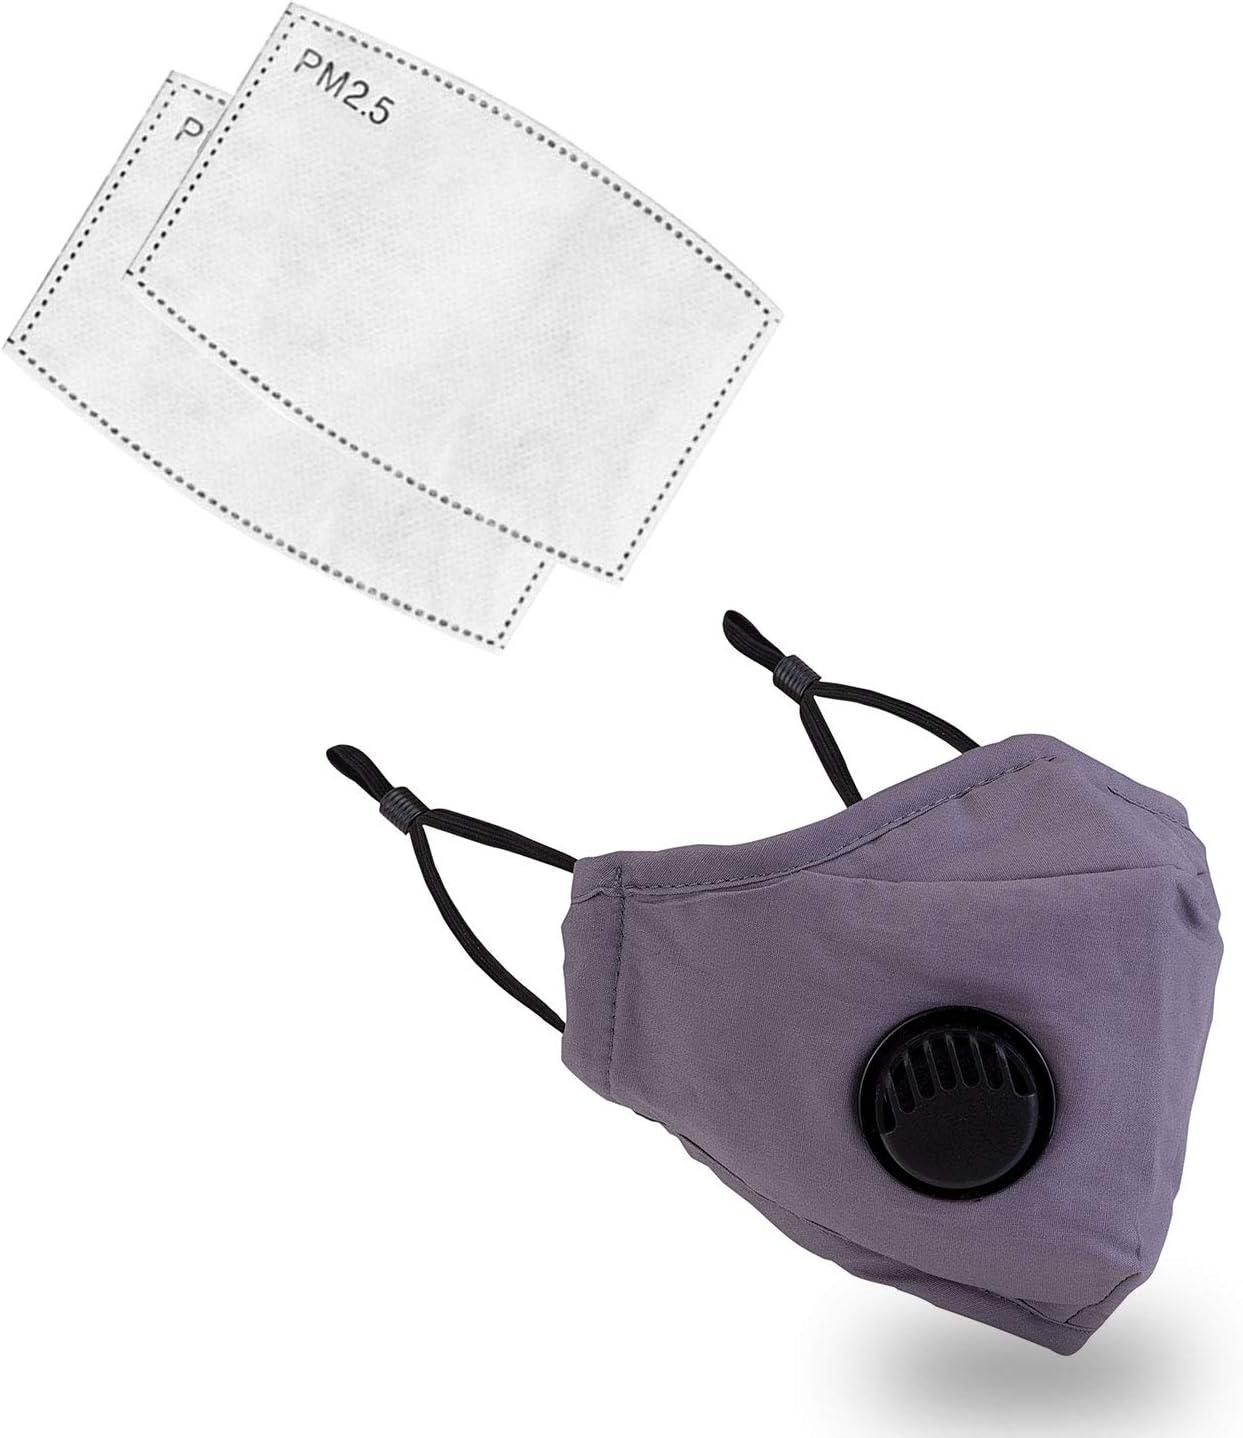 Trimming Shop Filtro de carbón Activado Unisex Máscara de protección Facial Transpirable Protección bucal y caspa para Mascotas, Otros irritantes transportables por Aire, Gris